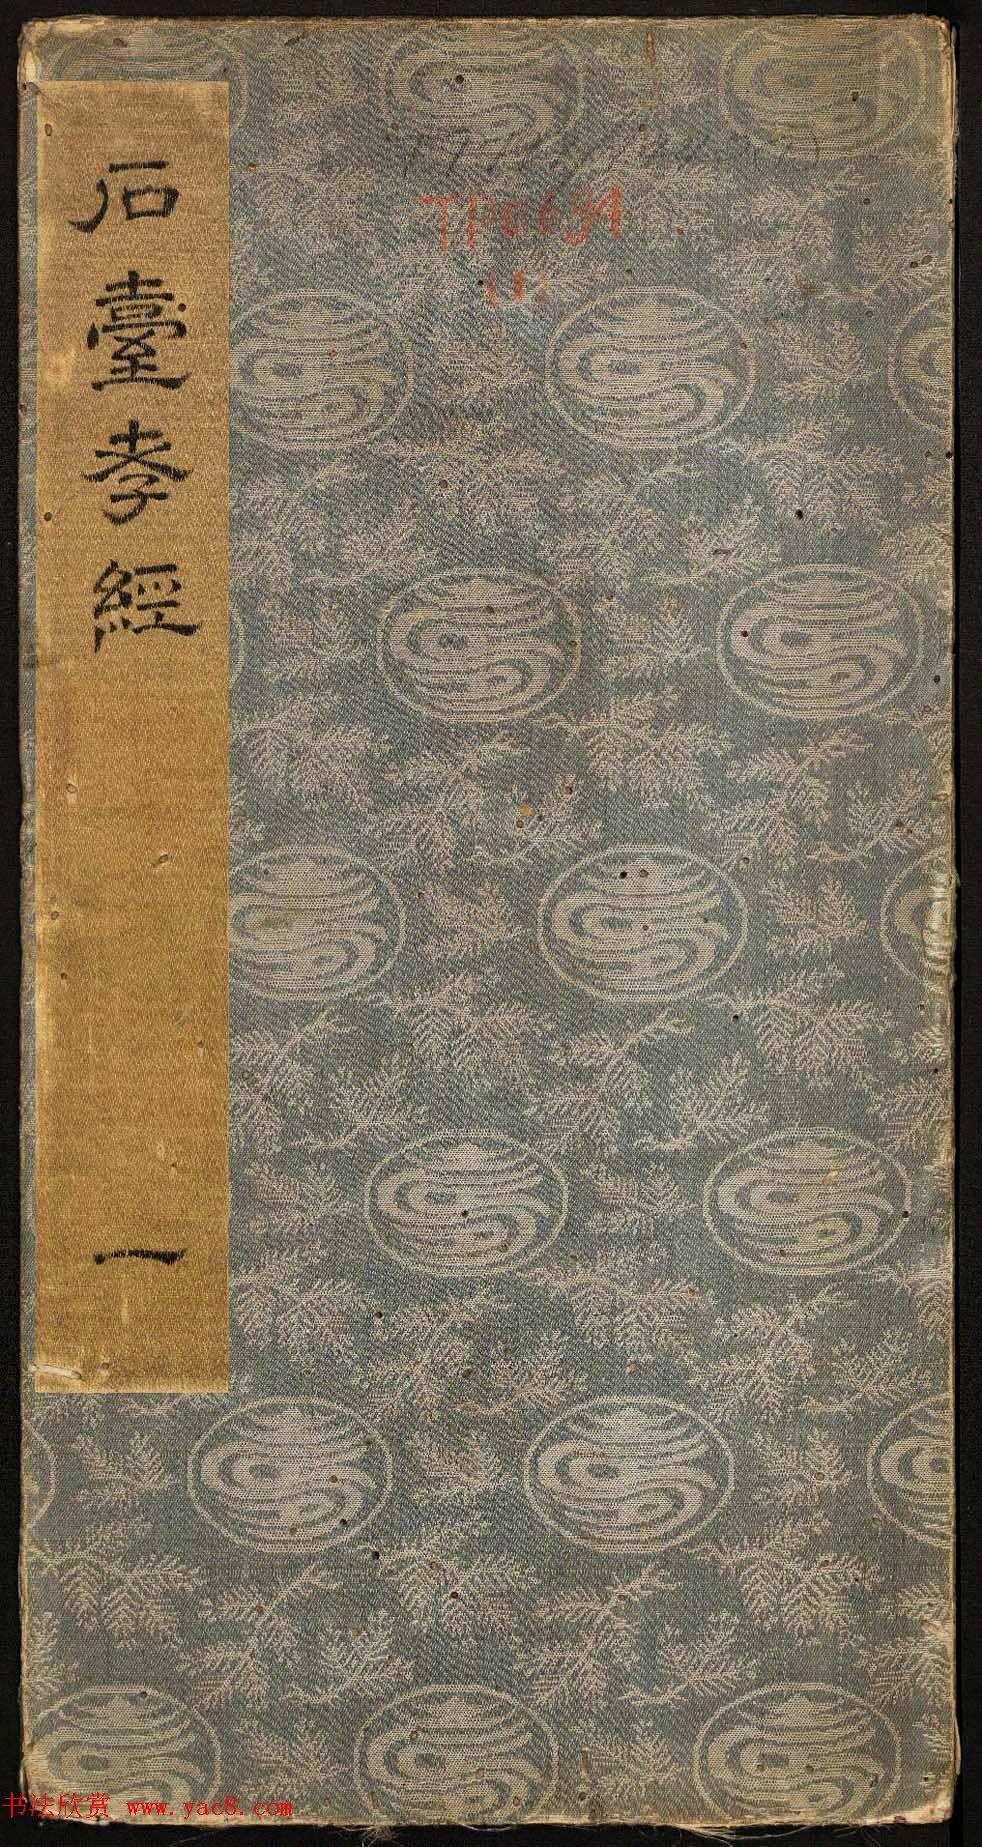 唐玄宗李隆基隶书《石台孝经》1-5册